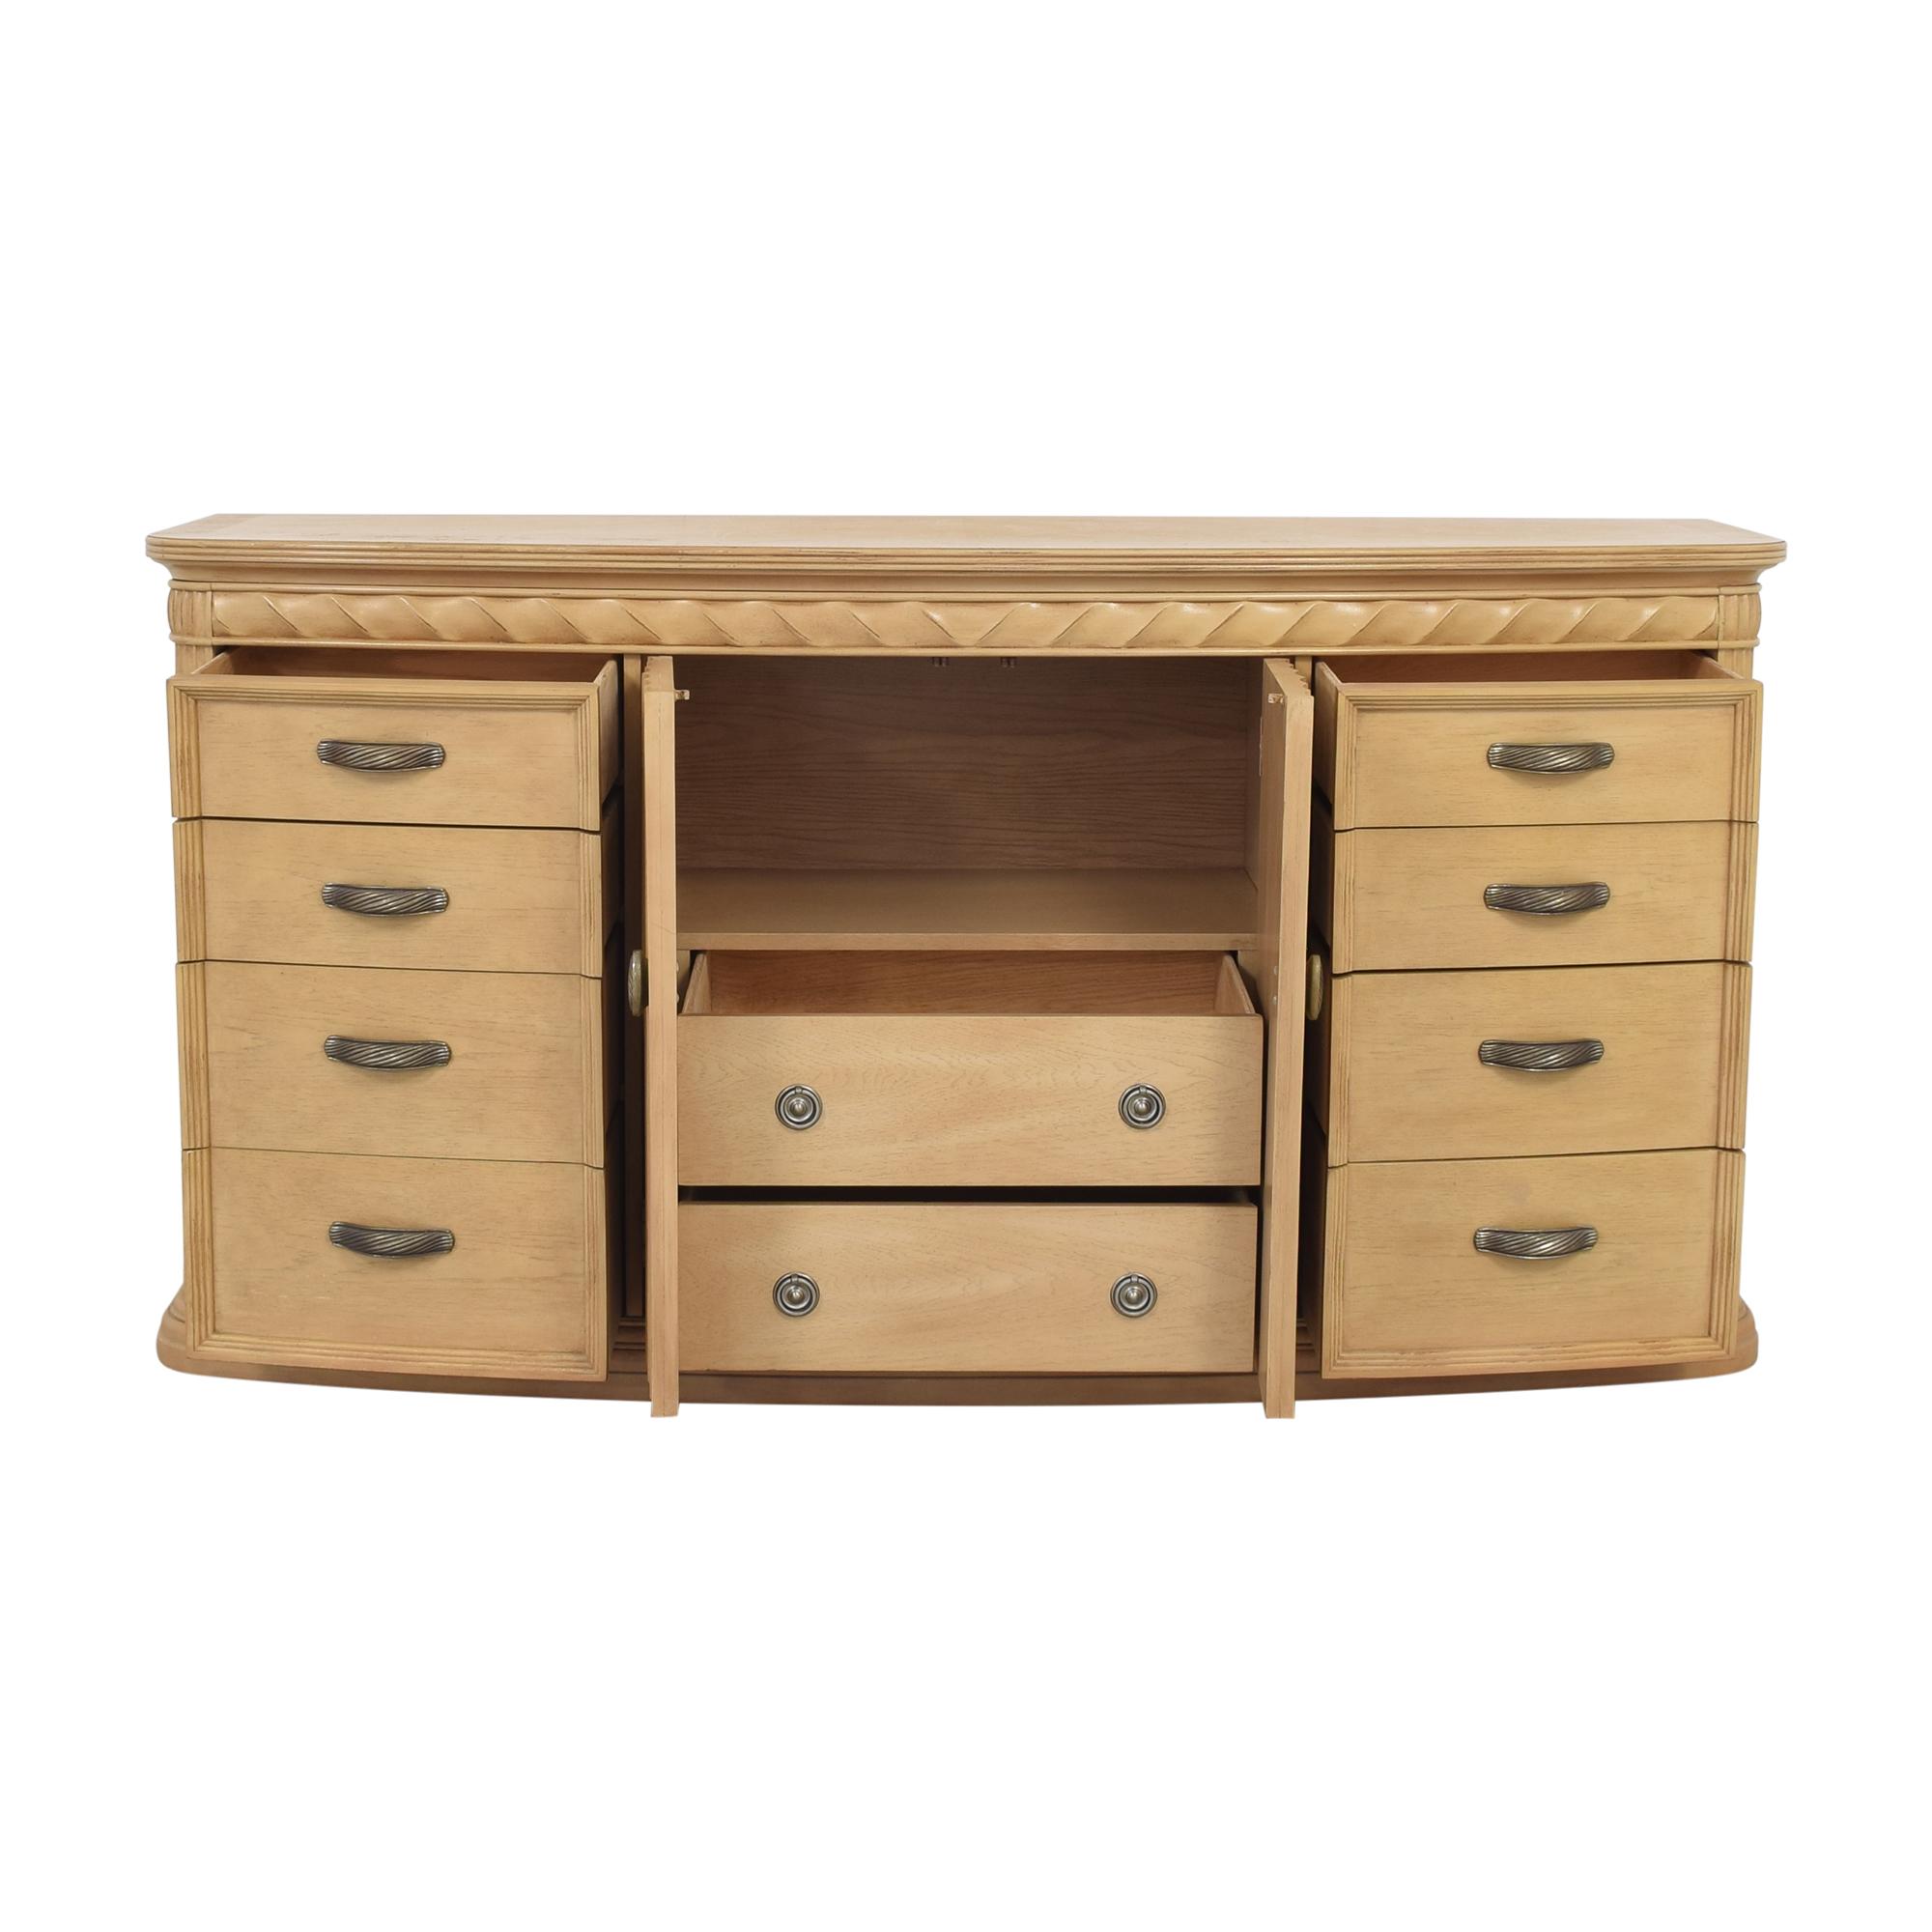 Bernhardt Bernhardt Dresser with Cabinet light brown